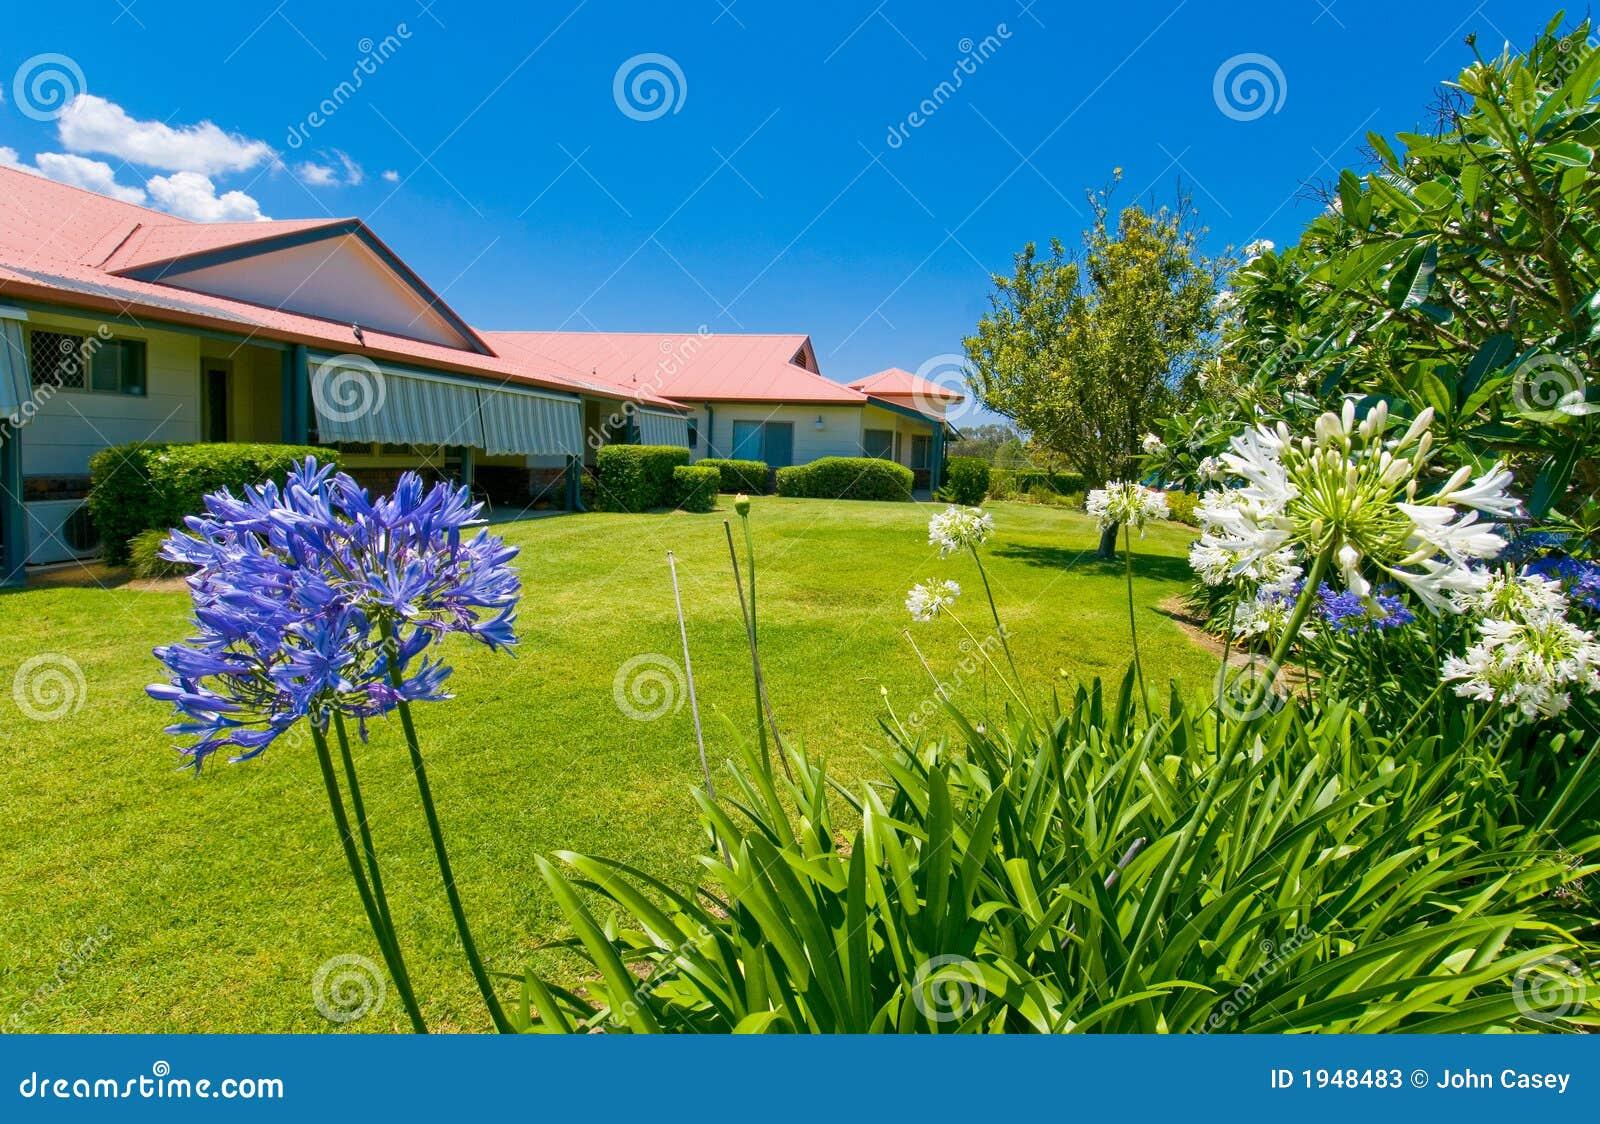 Jardins bonitos na parte traseira da casa imagem de stock for Figuras de jardin baratas